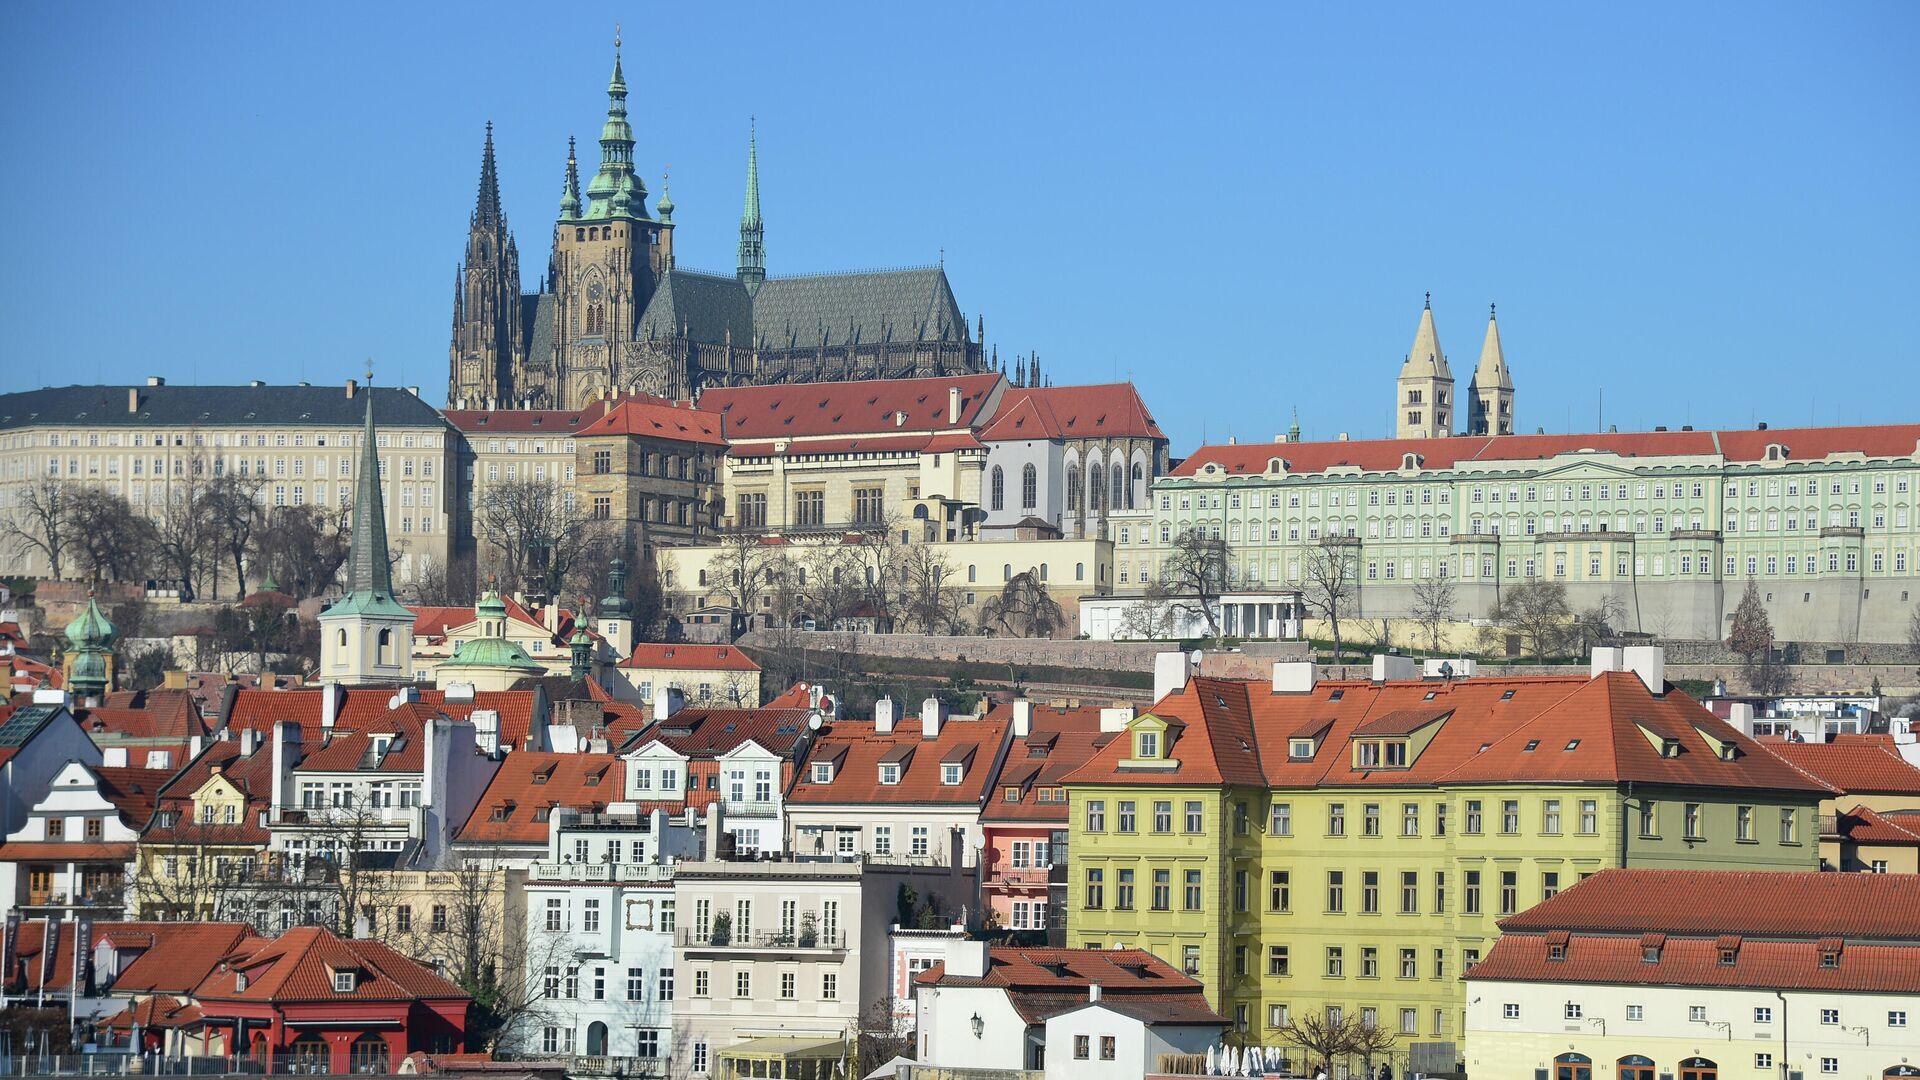 Вид на Пражский Град и собор Святого Вита от реки Влтава в Праге - РИА Новости, 1920, 04.05.2021